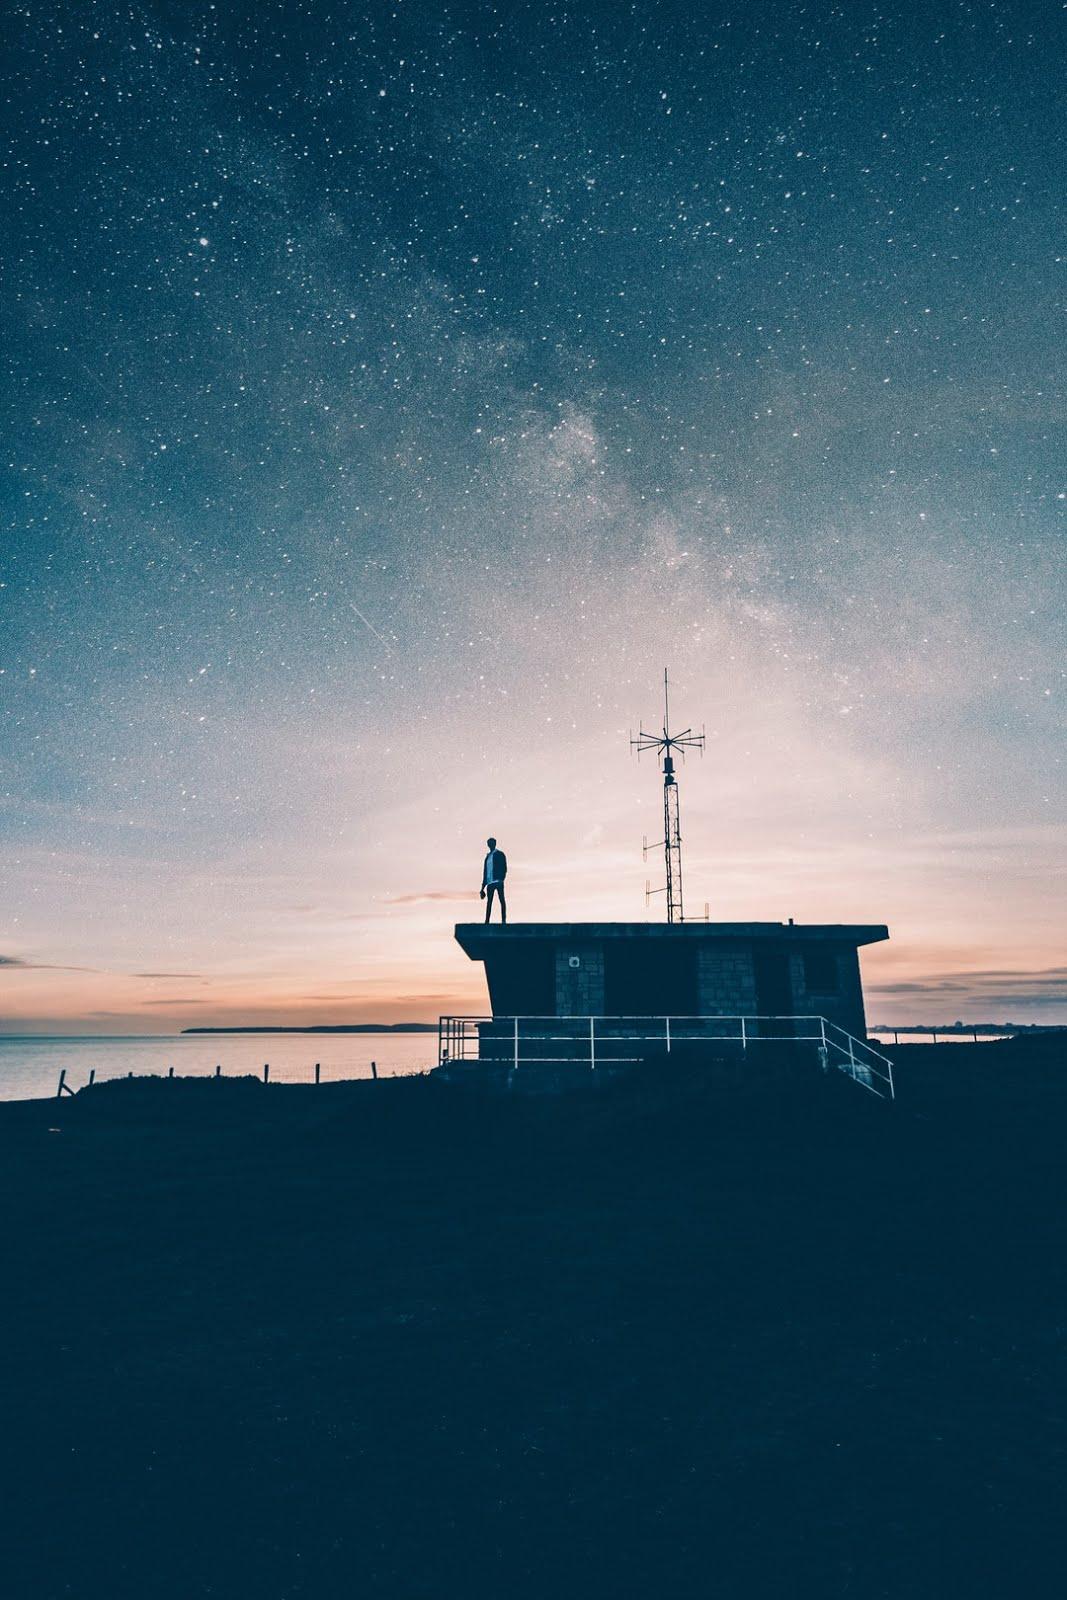 رجل يقف فوق مبني امام العديد من المجوم الساطعة خلفيات ايفون 6s